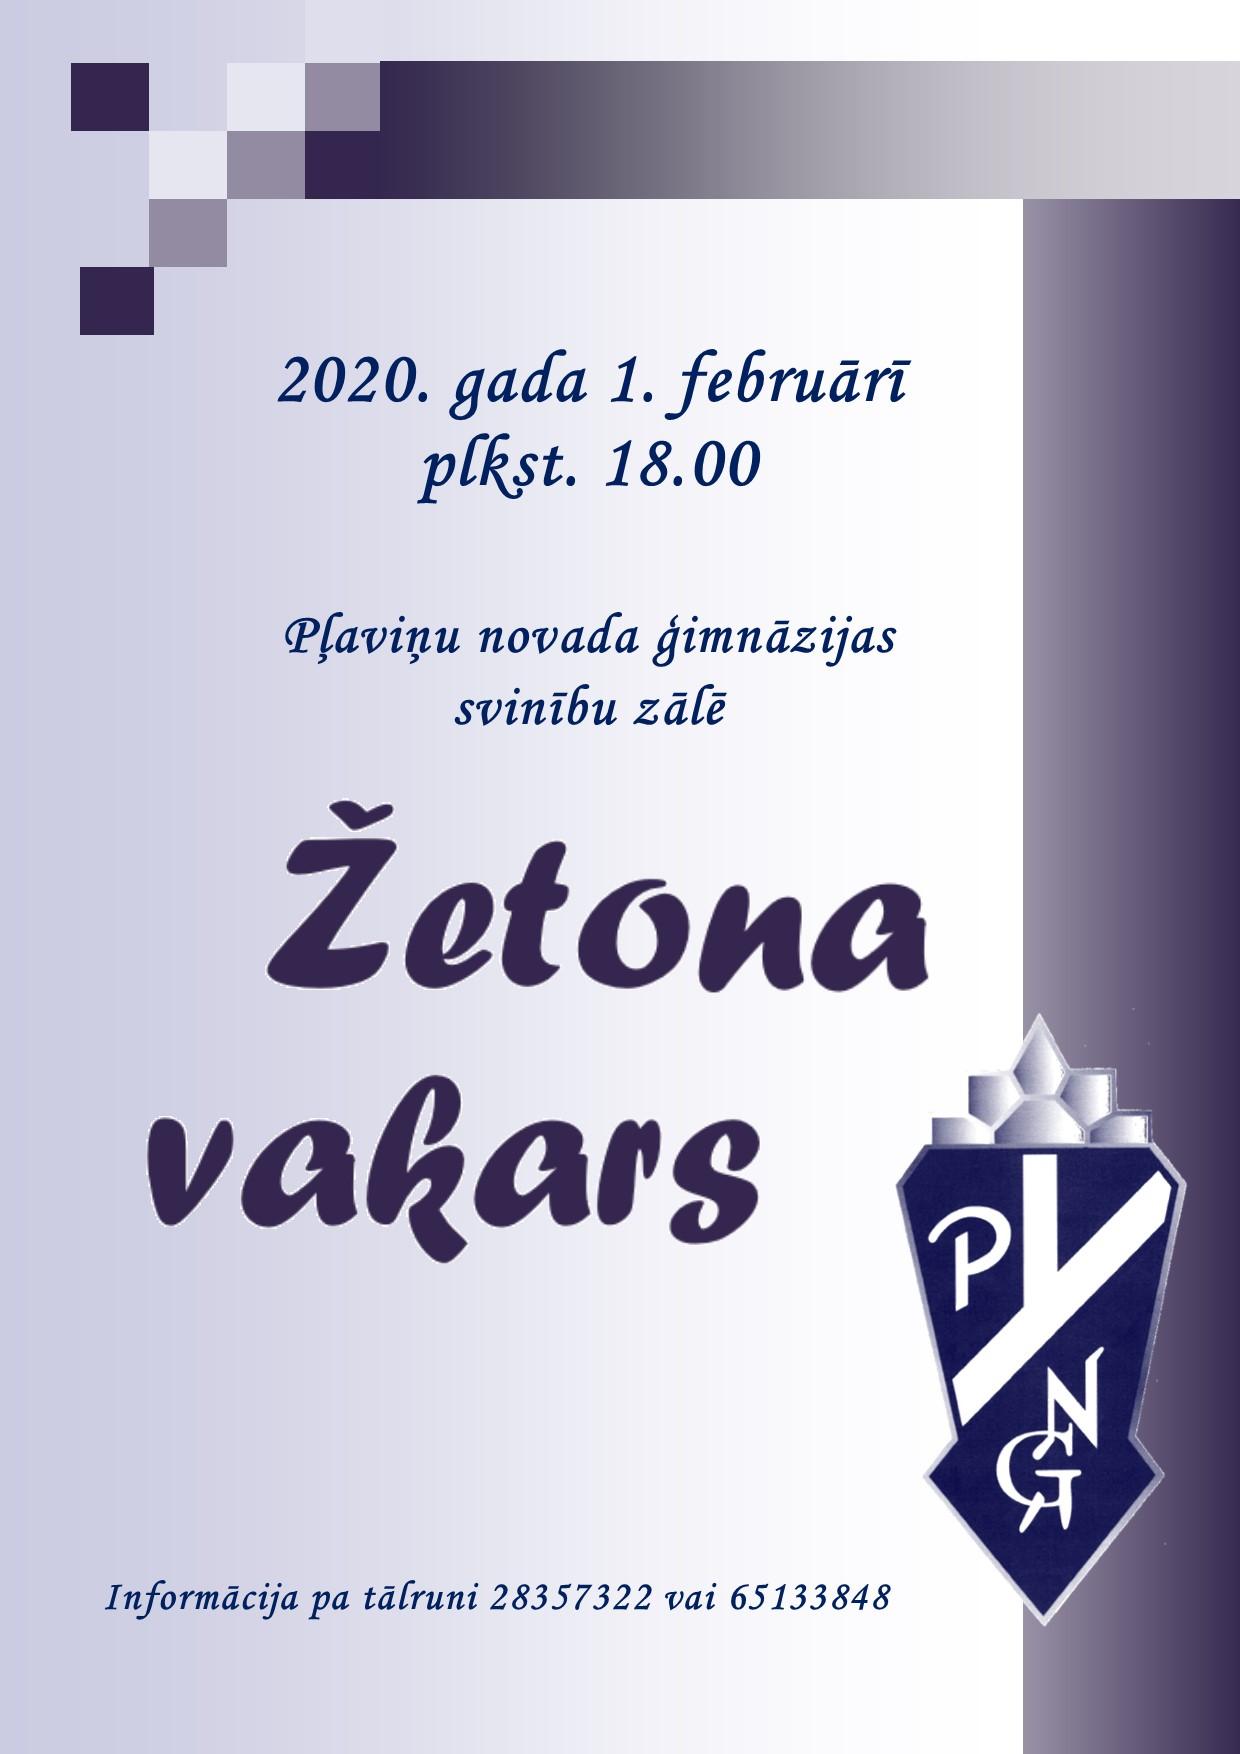 Zetona_vakars_2020